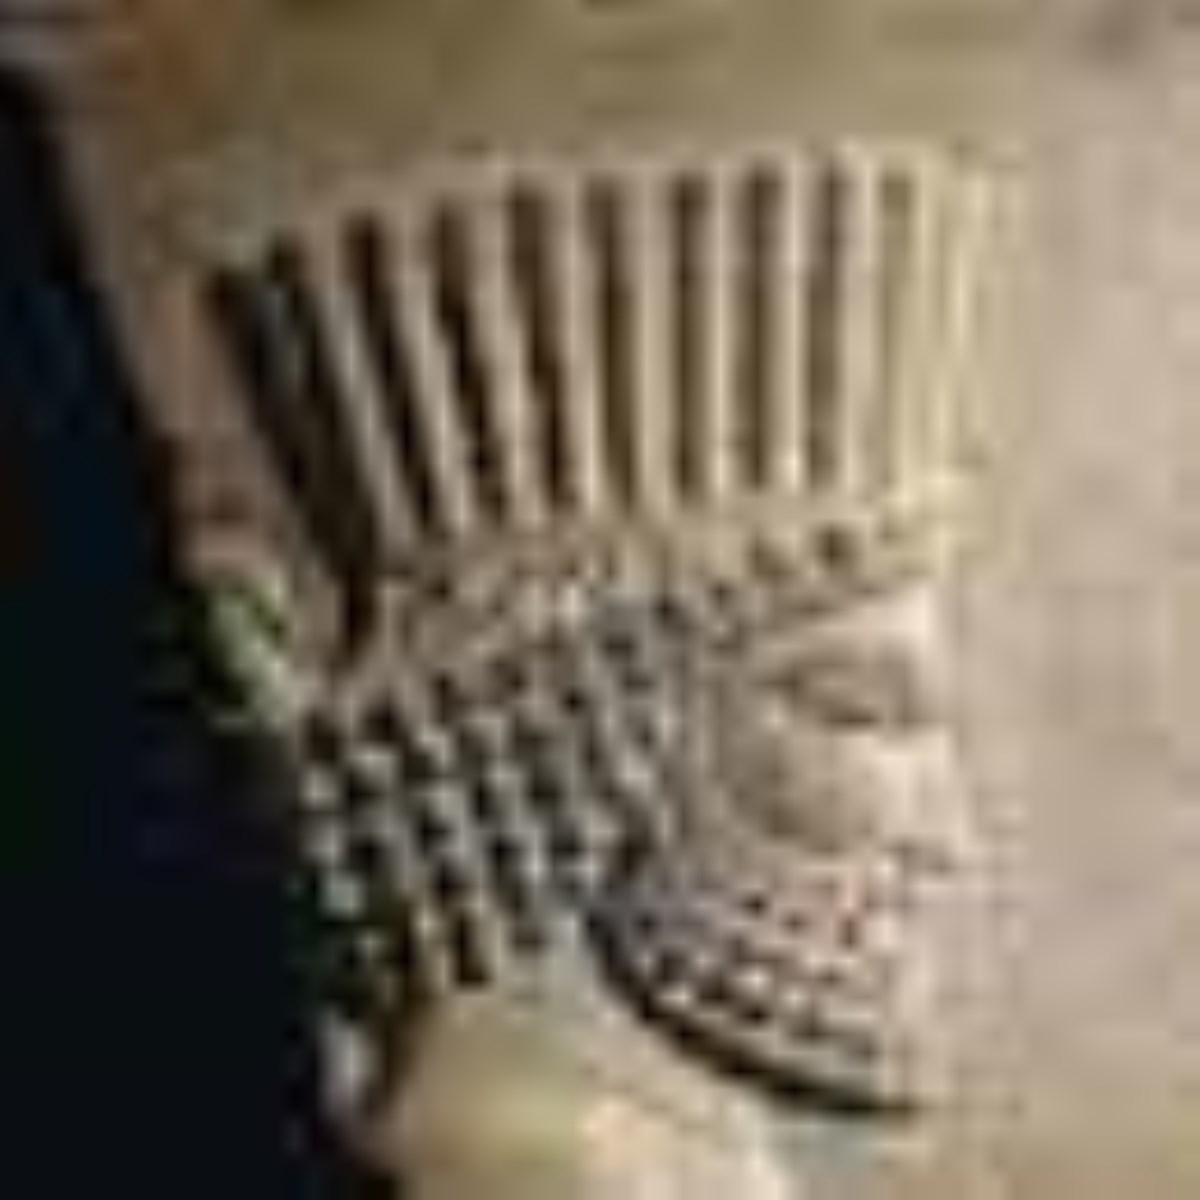 شرق شناسی و مظلوميت تاريخ و فرهنگ ايران